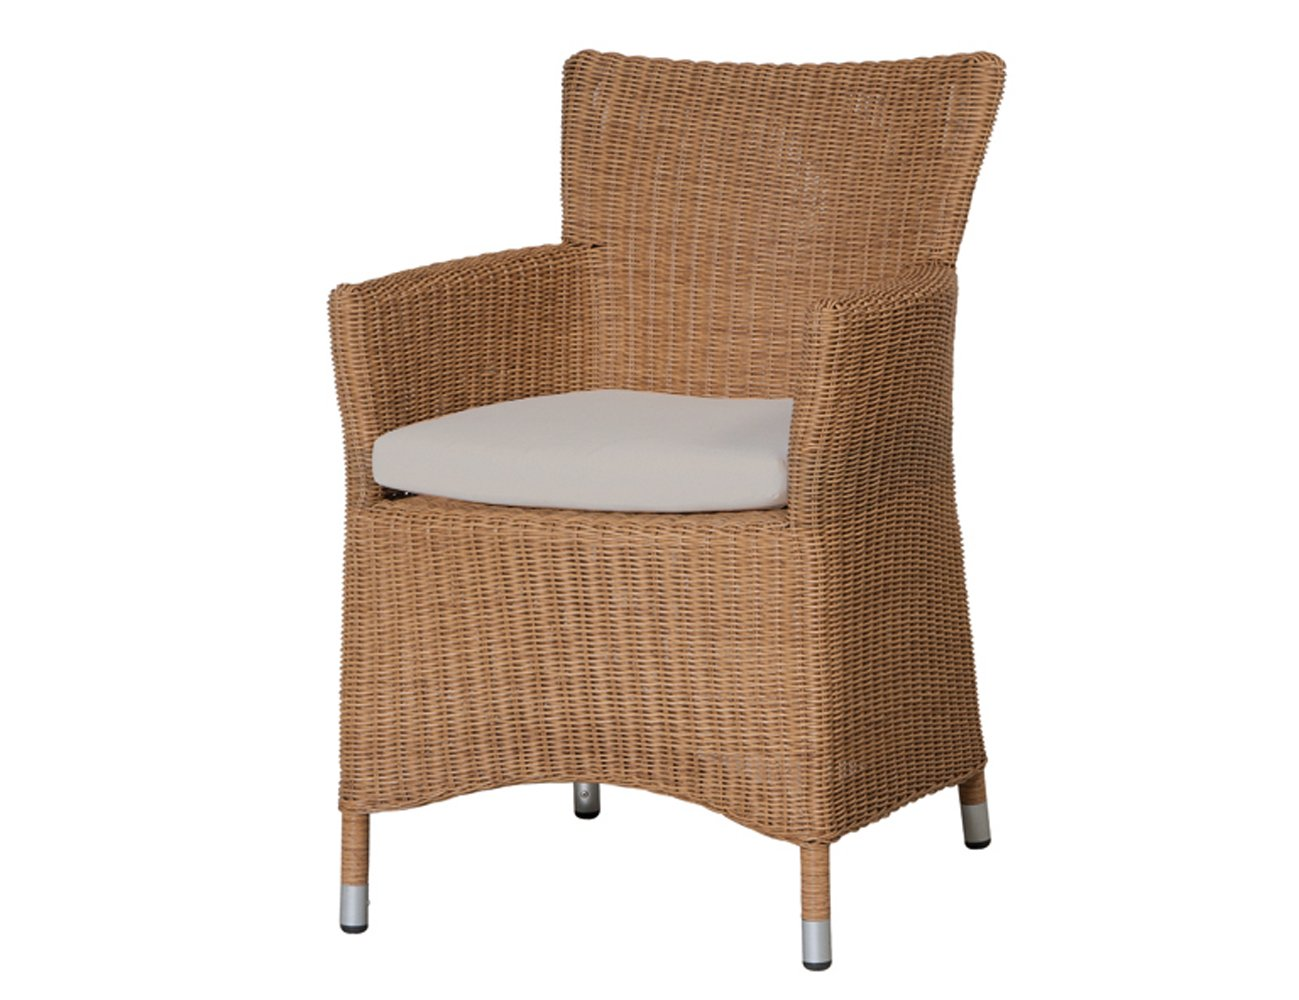 siena garden 722286 sessel ballina honig l 59 x b 83 x h 60 cm jetzt bestellen. Black Bedroom Furniture Sets. Home Design Ideas